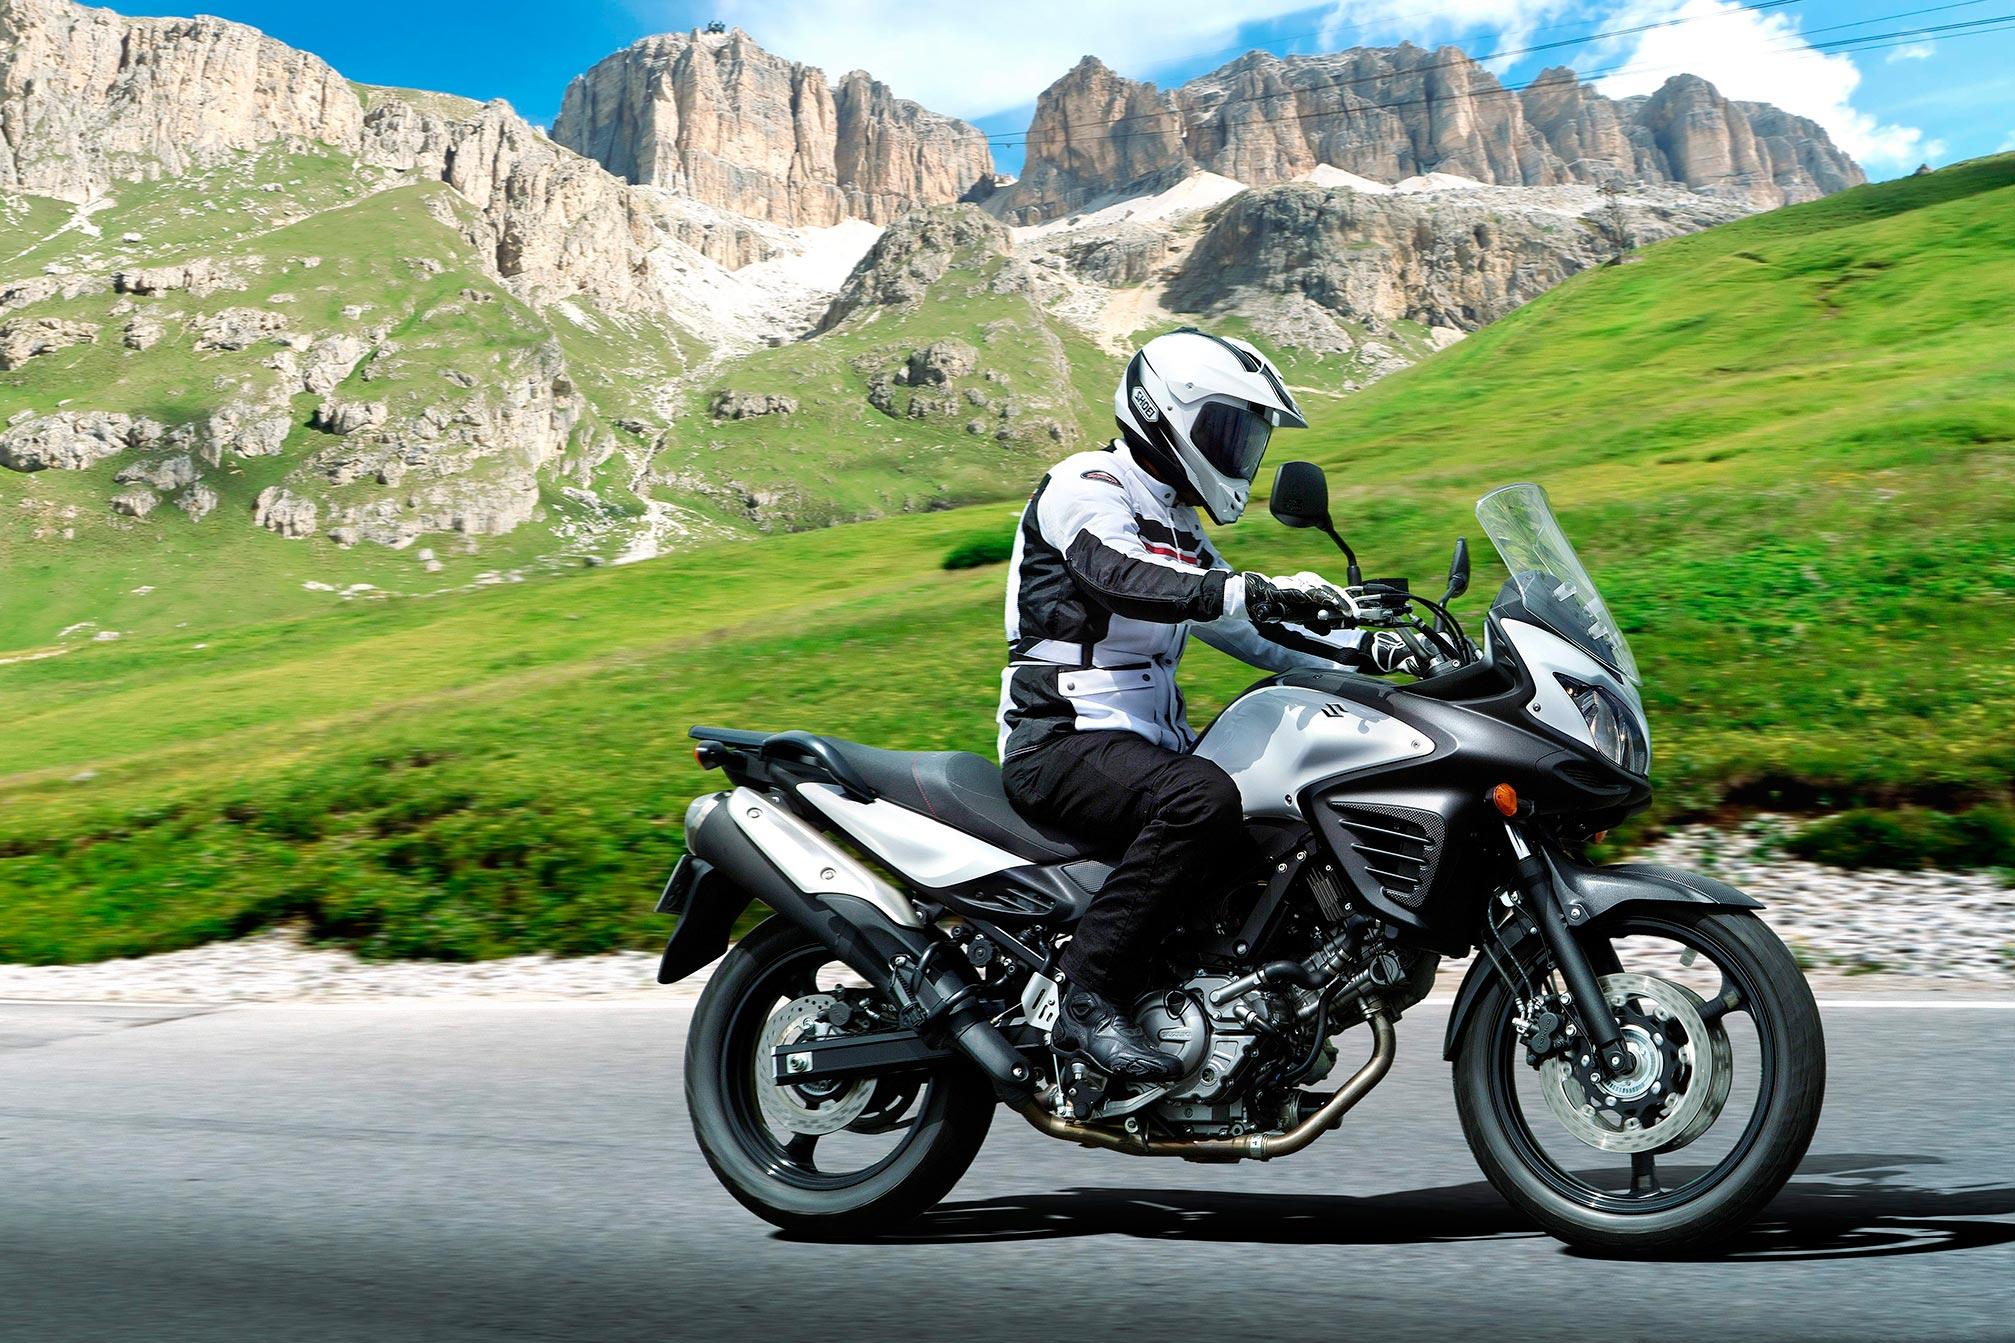 Suzuki V-Strom 650 beginner motorbike